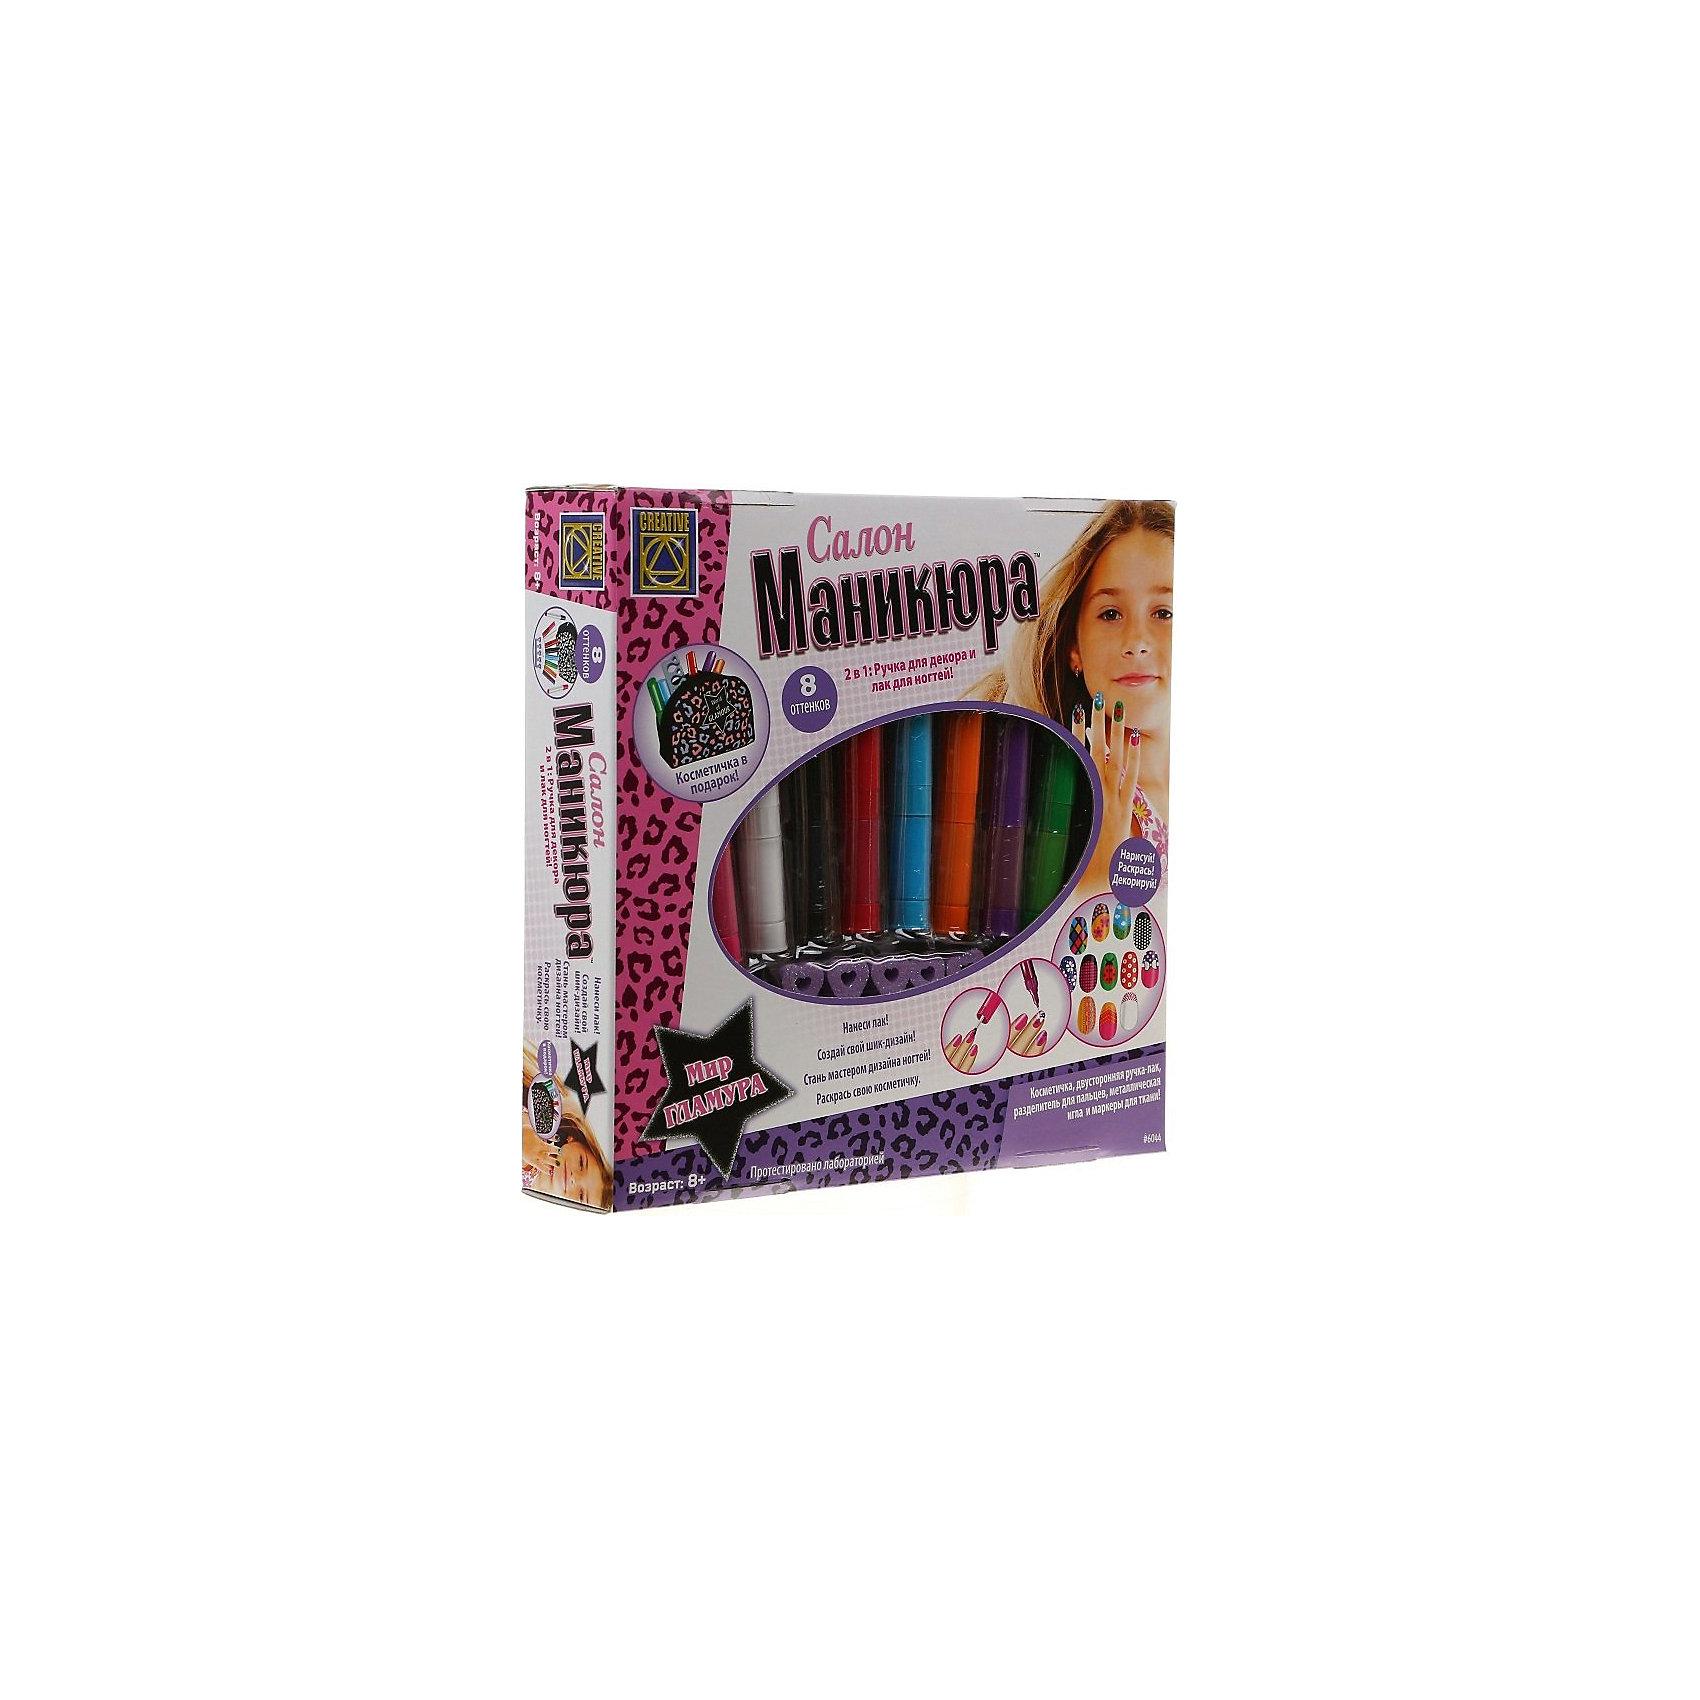 Салон маникюра, CreativeНаборы детской косметики<br>Характеристики:<br><br>• возраст: от 8 лет<br>• в наборе: 8 двусторонних ручек-лаков (по 4.96 мл); разделитель для пальцев; металлическая игла; косметичка; 2 маркера для ткани<br>• упаковка: картонная коробка<br>• размер упаковки: 25,5х25,5х6 см.<br>• вес: 480 гр.<br><br>Настоящие модницы знают, как важен ухоженный вид ногтей. Любые модные тенденции касаются и украшения ногтей, и стильный образ не может быть полным без красивого маникюра.<br><br>С набором «Салон маникюра» модный и эффектный маникюр создать невероятно просто. В нем собраны все необходимые принадлежности, которые помогут аккуратно накрасить ногти без лишних усилий.<br><br>Лак для ногтей выполнен в необычном и удобном формате ручки с двумя насадками: кисточкой удобно наносить лак-основу; карандашом легко проводить тонкие линии, украшать ногти узорами и завитушками. <br><br>Металлическая игла пригодится для вырисовывания особенно мелких элементов дизайна. Разделитель для пальцев поможет зафиксировать ногтевую пластину в удобном положении, не повредить уже готовый маникюр и не испачкать кожу.<br><br>В набор также входит стильная косметичка, которую можно будет украсить по вкусу помощью специальных маркеров для ткани.<br><br>Набор «Салон маникюра», Creative (Креатив) можно купить в нашем интернет-магазине.<br><br>Ширина мм: 255<br>Глубина мм: 255<br>Высота мм: 60<br>Вес г: 479<br>Возраст от месяцев: 96<br>Возраст до месяцев: 2147483647<br>Пол: Женский<br>Возраст: Детский<br>SKU: 6741845